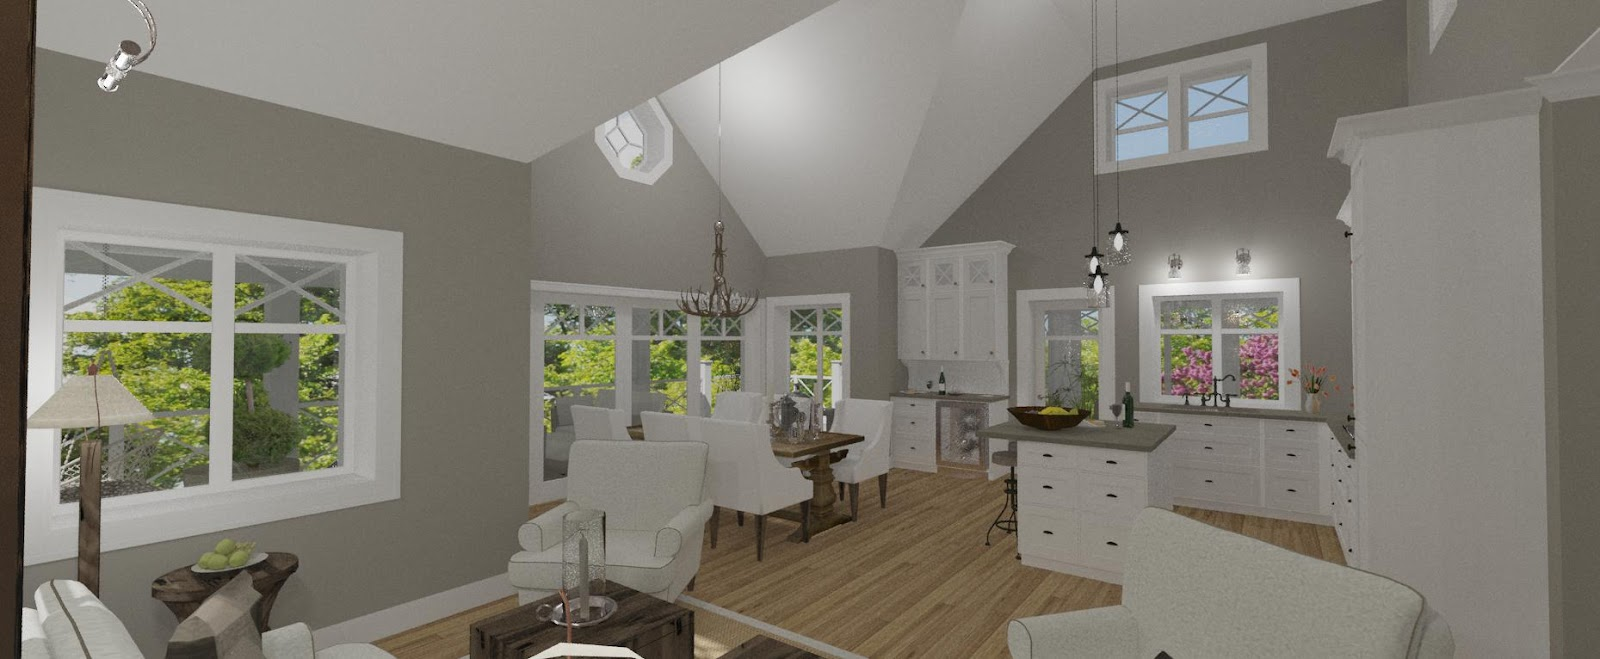 Dreams & coffees arkitekt och projektblogg: bygglovshandlingar ...